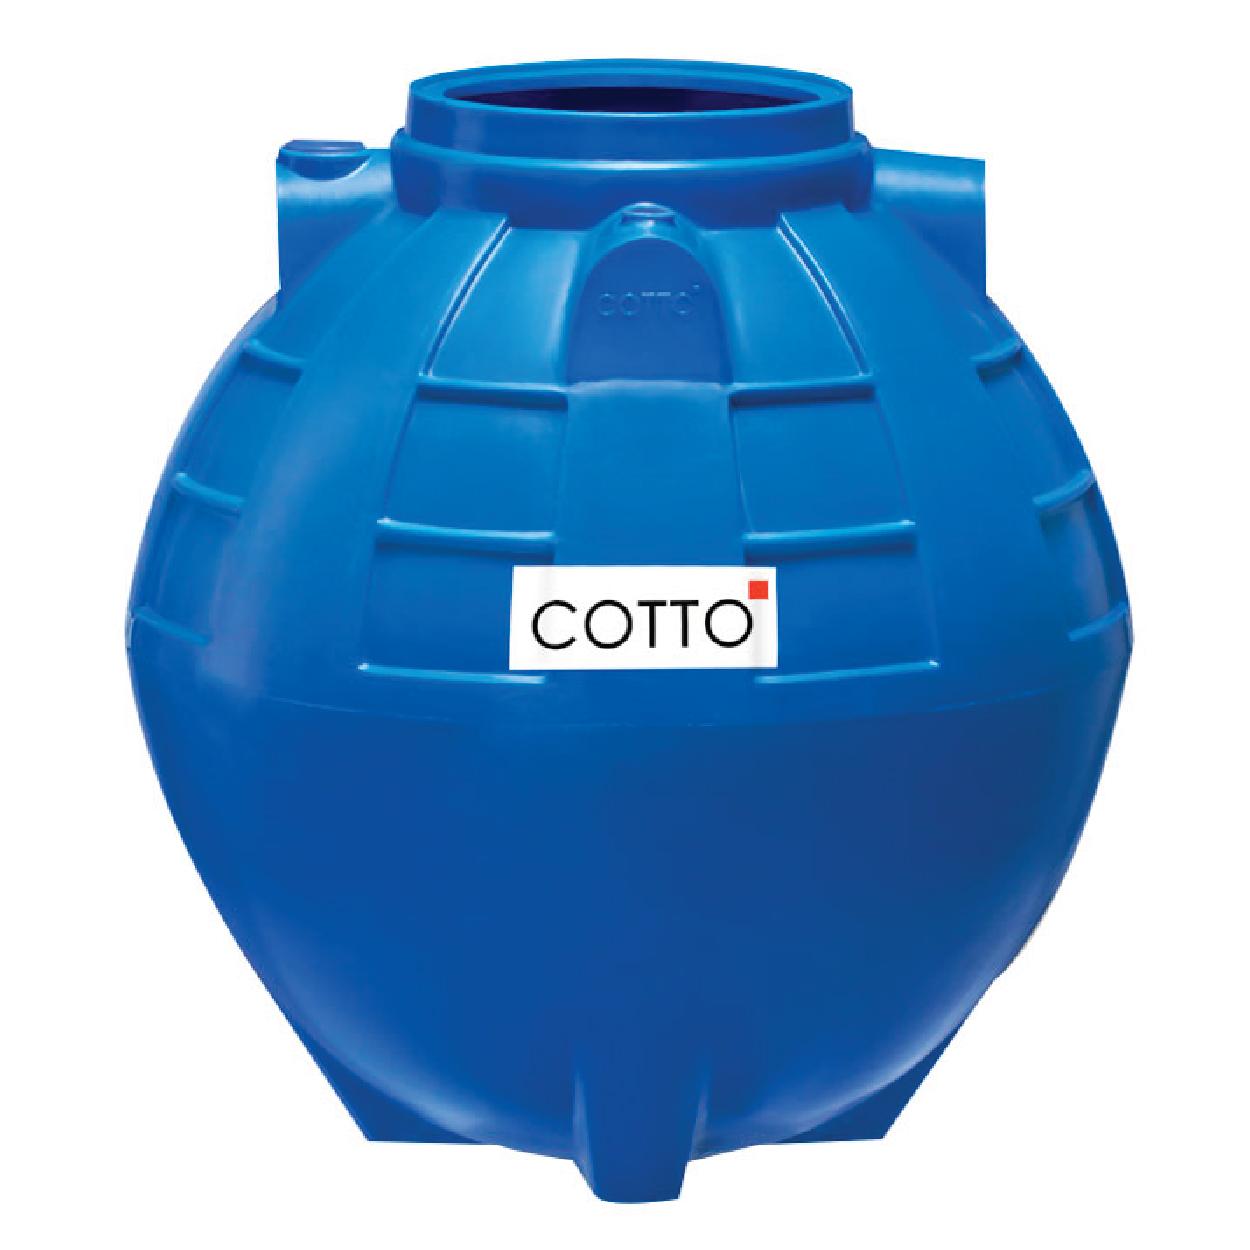 ถังเก็บน้ำใต้ดิน COTTO รุ่น CAU1200E1 ขนาด 1,200 ลิตร